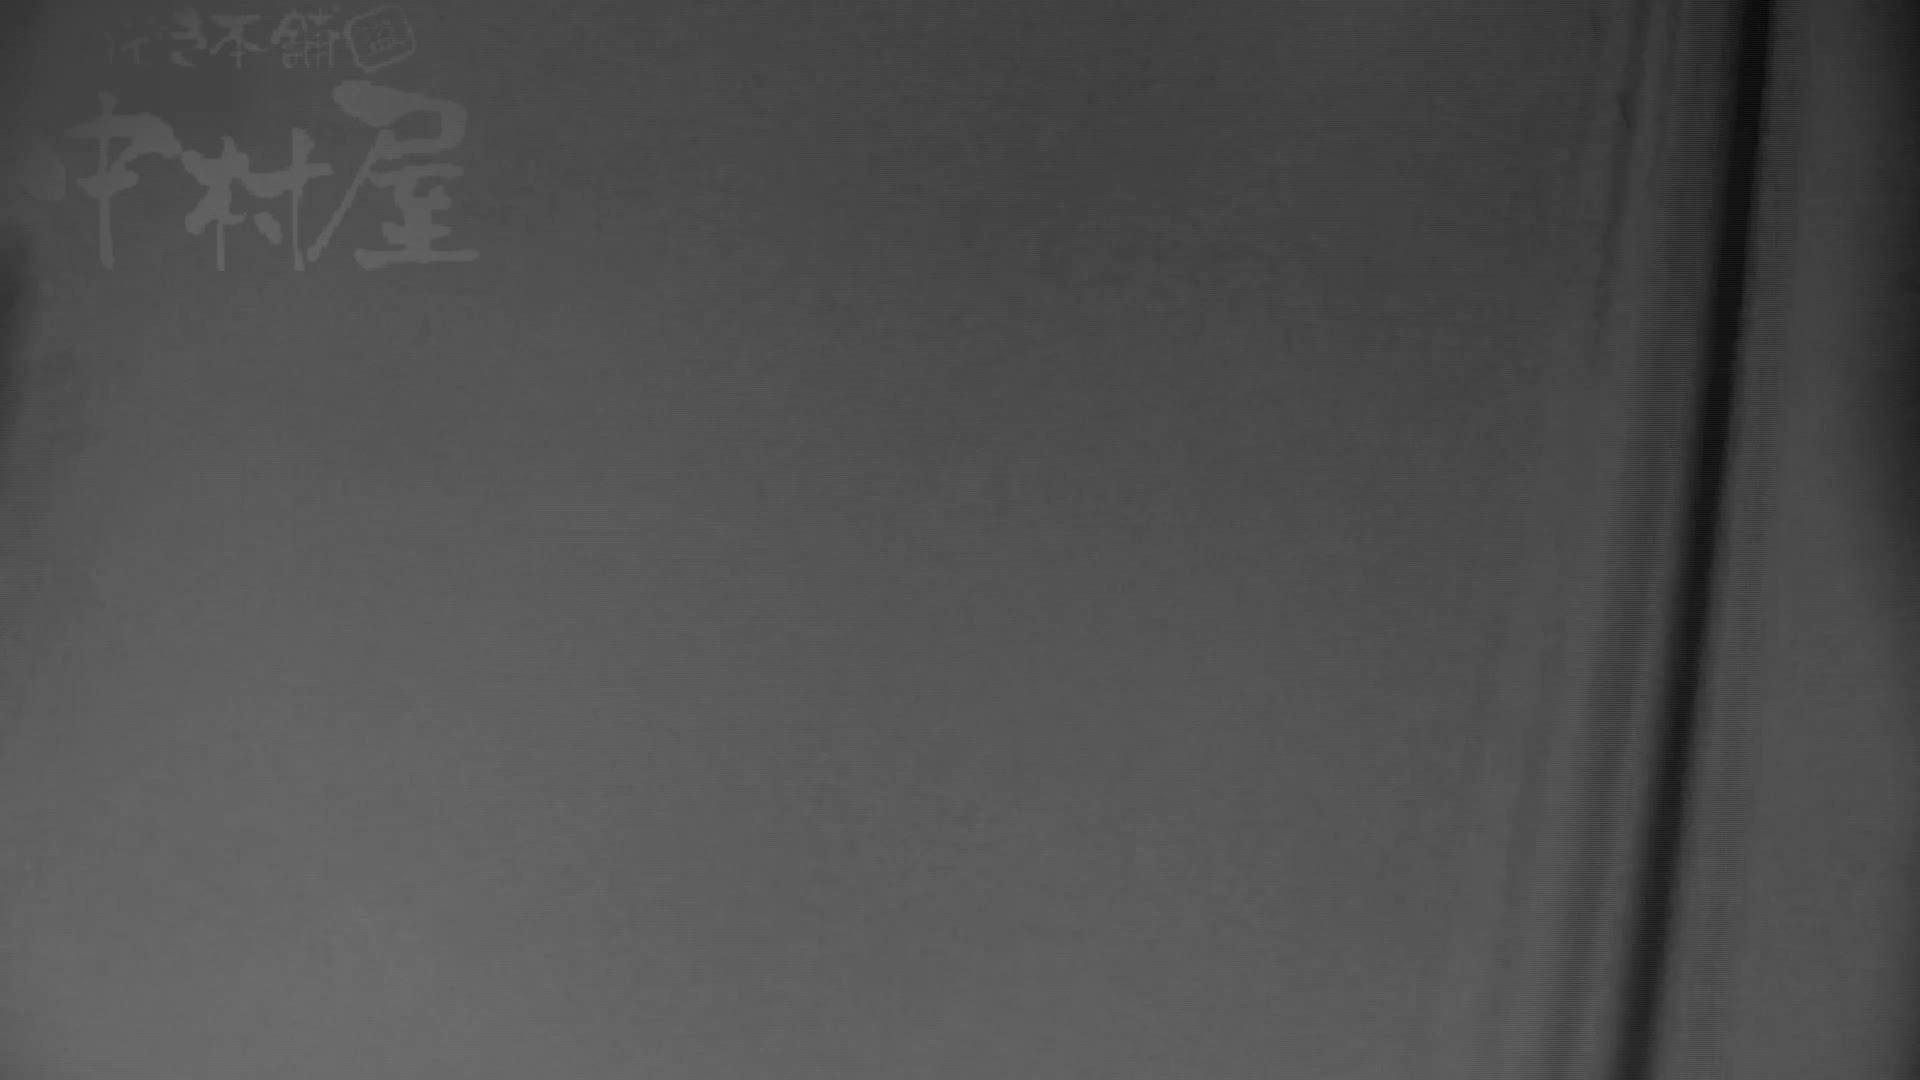 美しい日本の未来 No.22 未来進歩3 感動レベル予告のモデルつい登場か!! 盗撮映像  27Pix 8